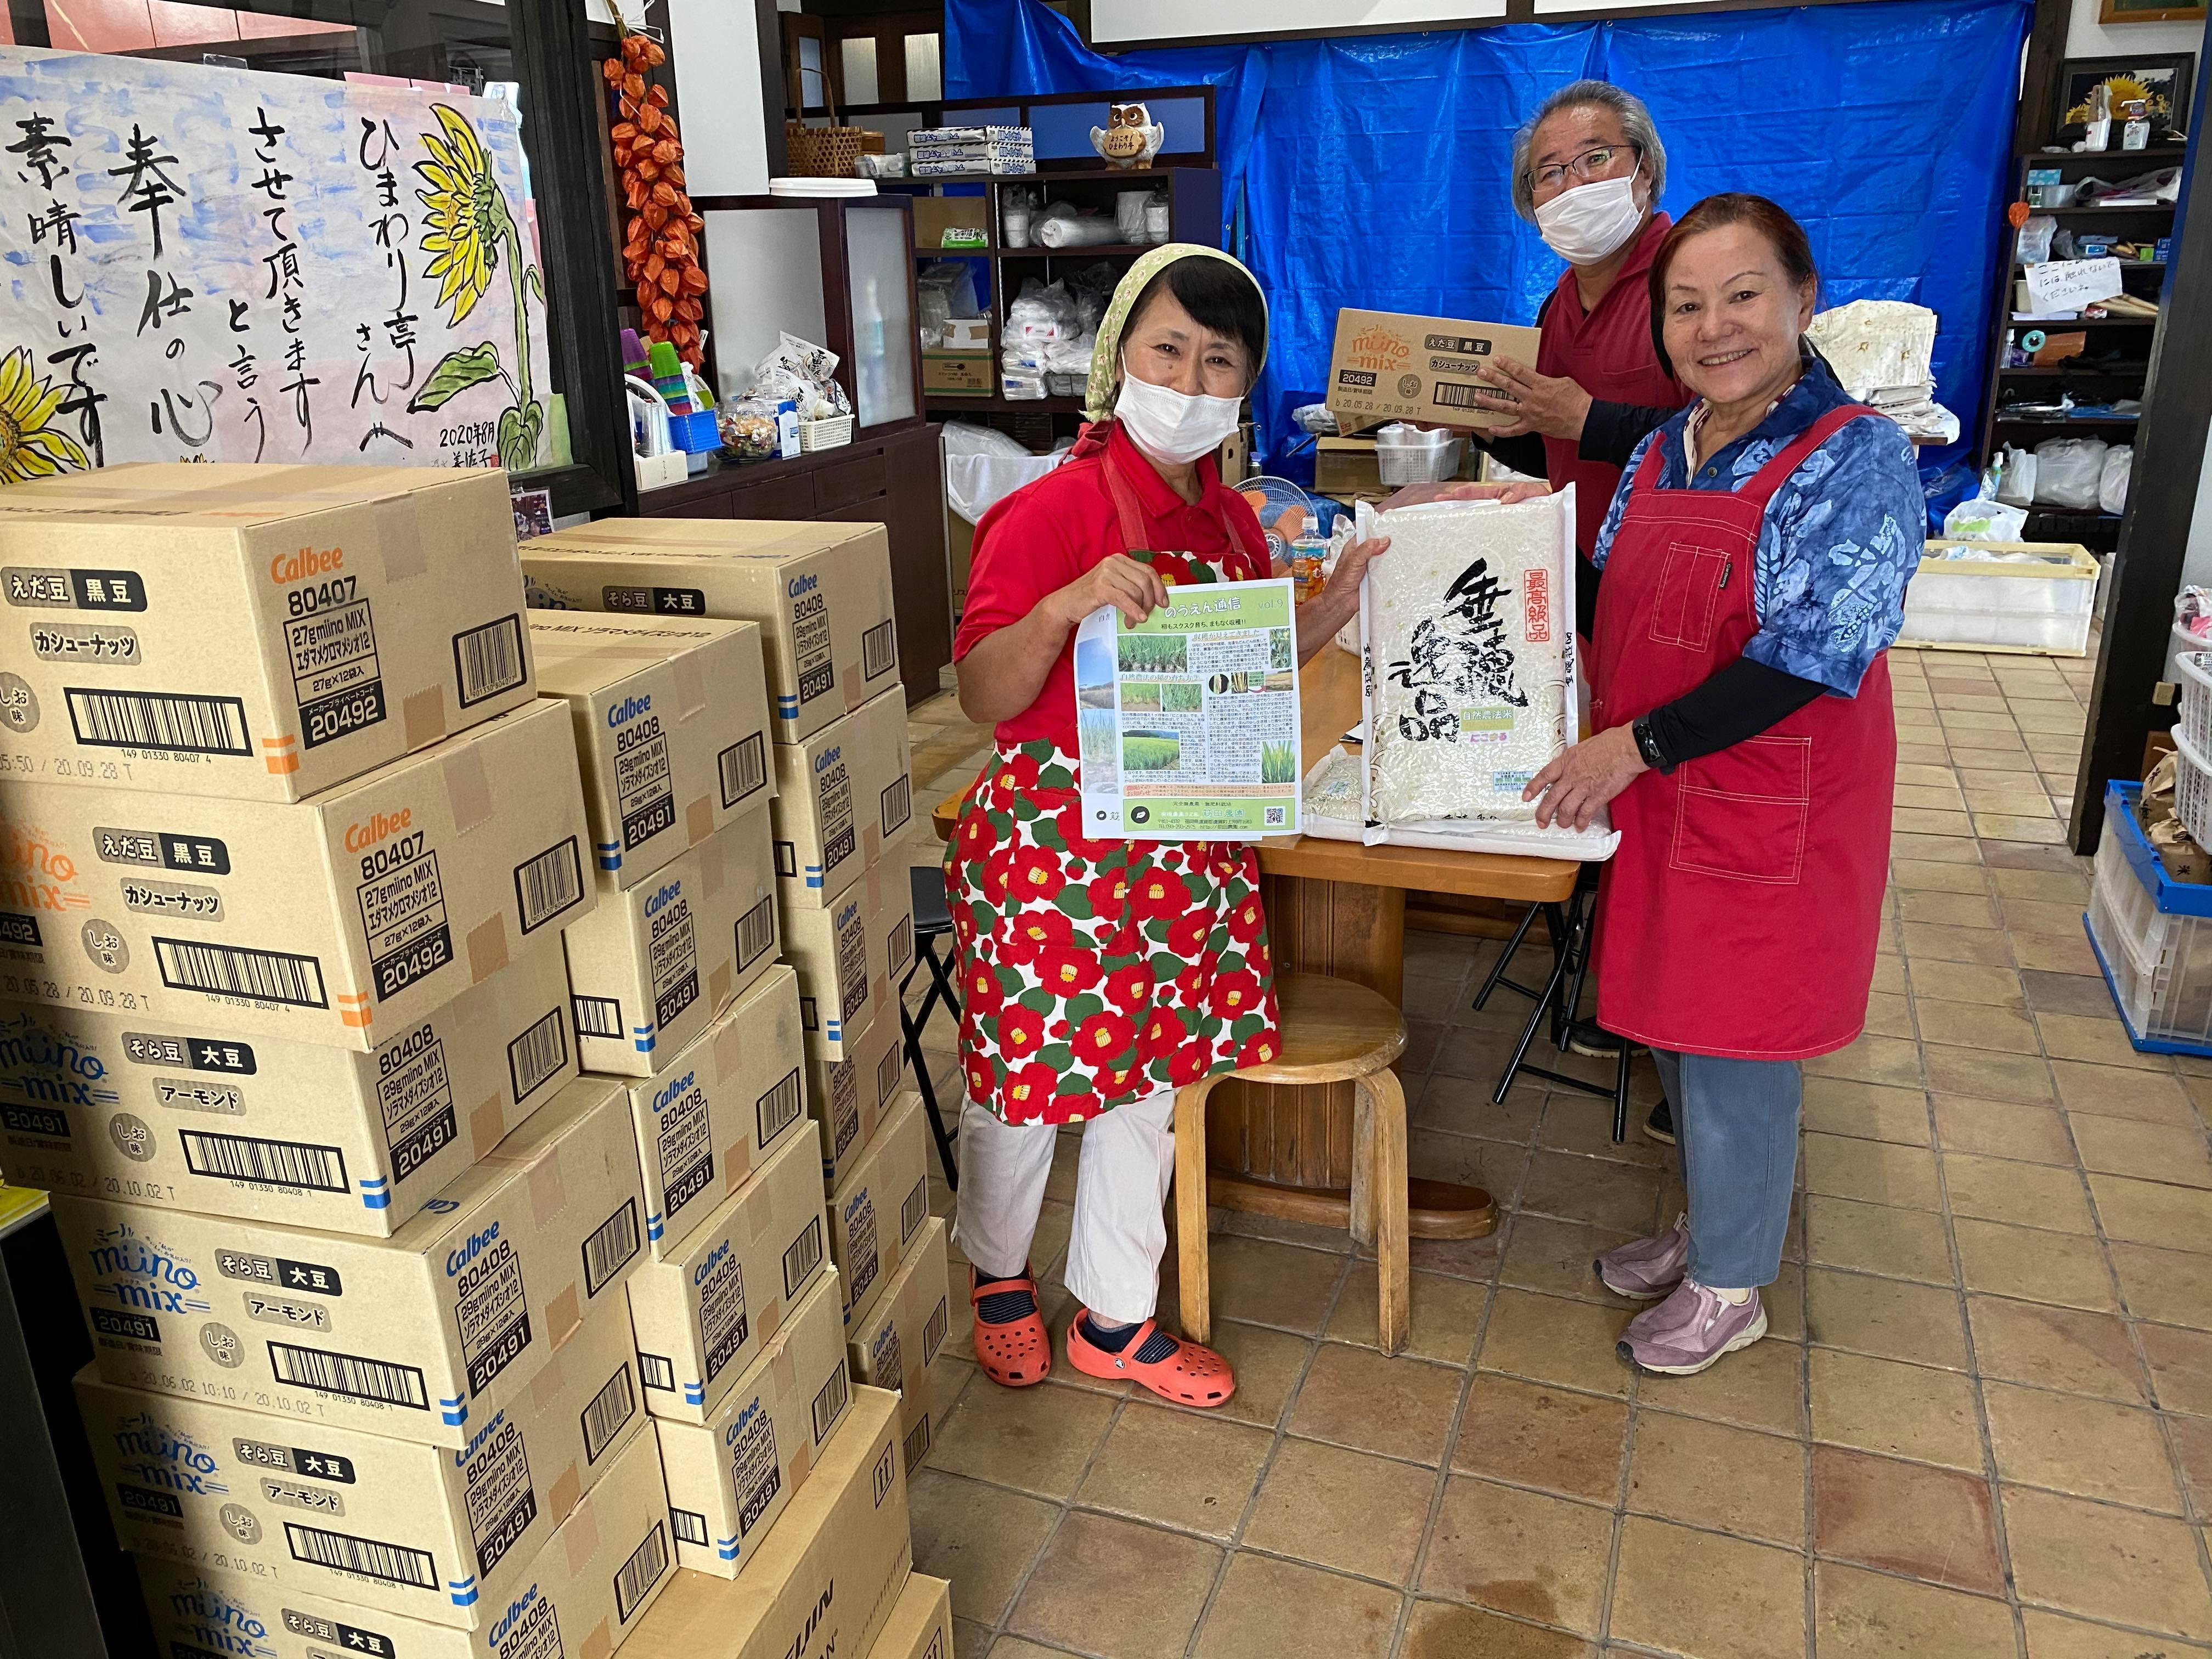 """【お知らせ】令和2年7月豪雨災害に対する支援物資をお渡ししました(第2回報告)の写真です"""""""